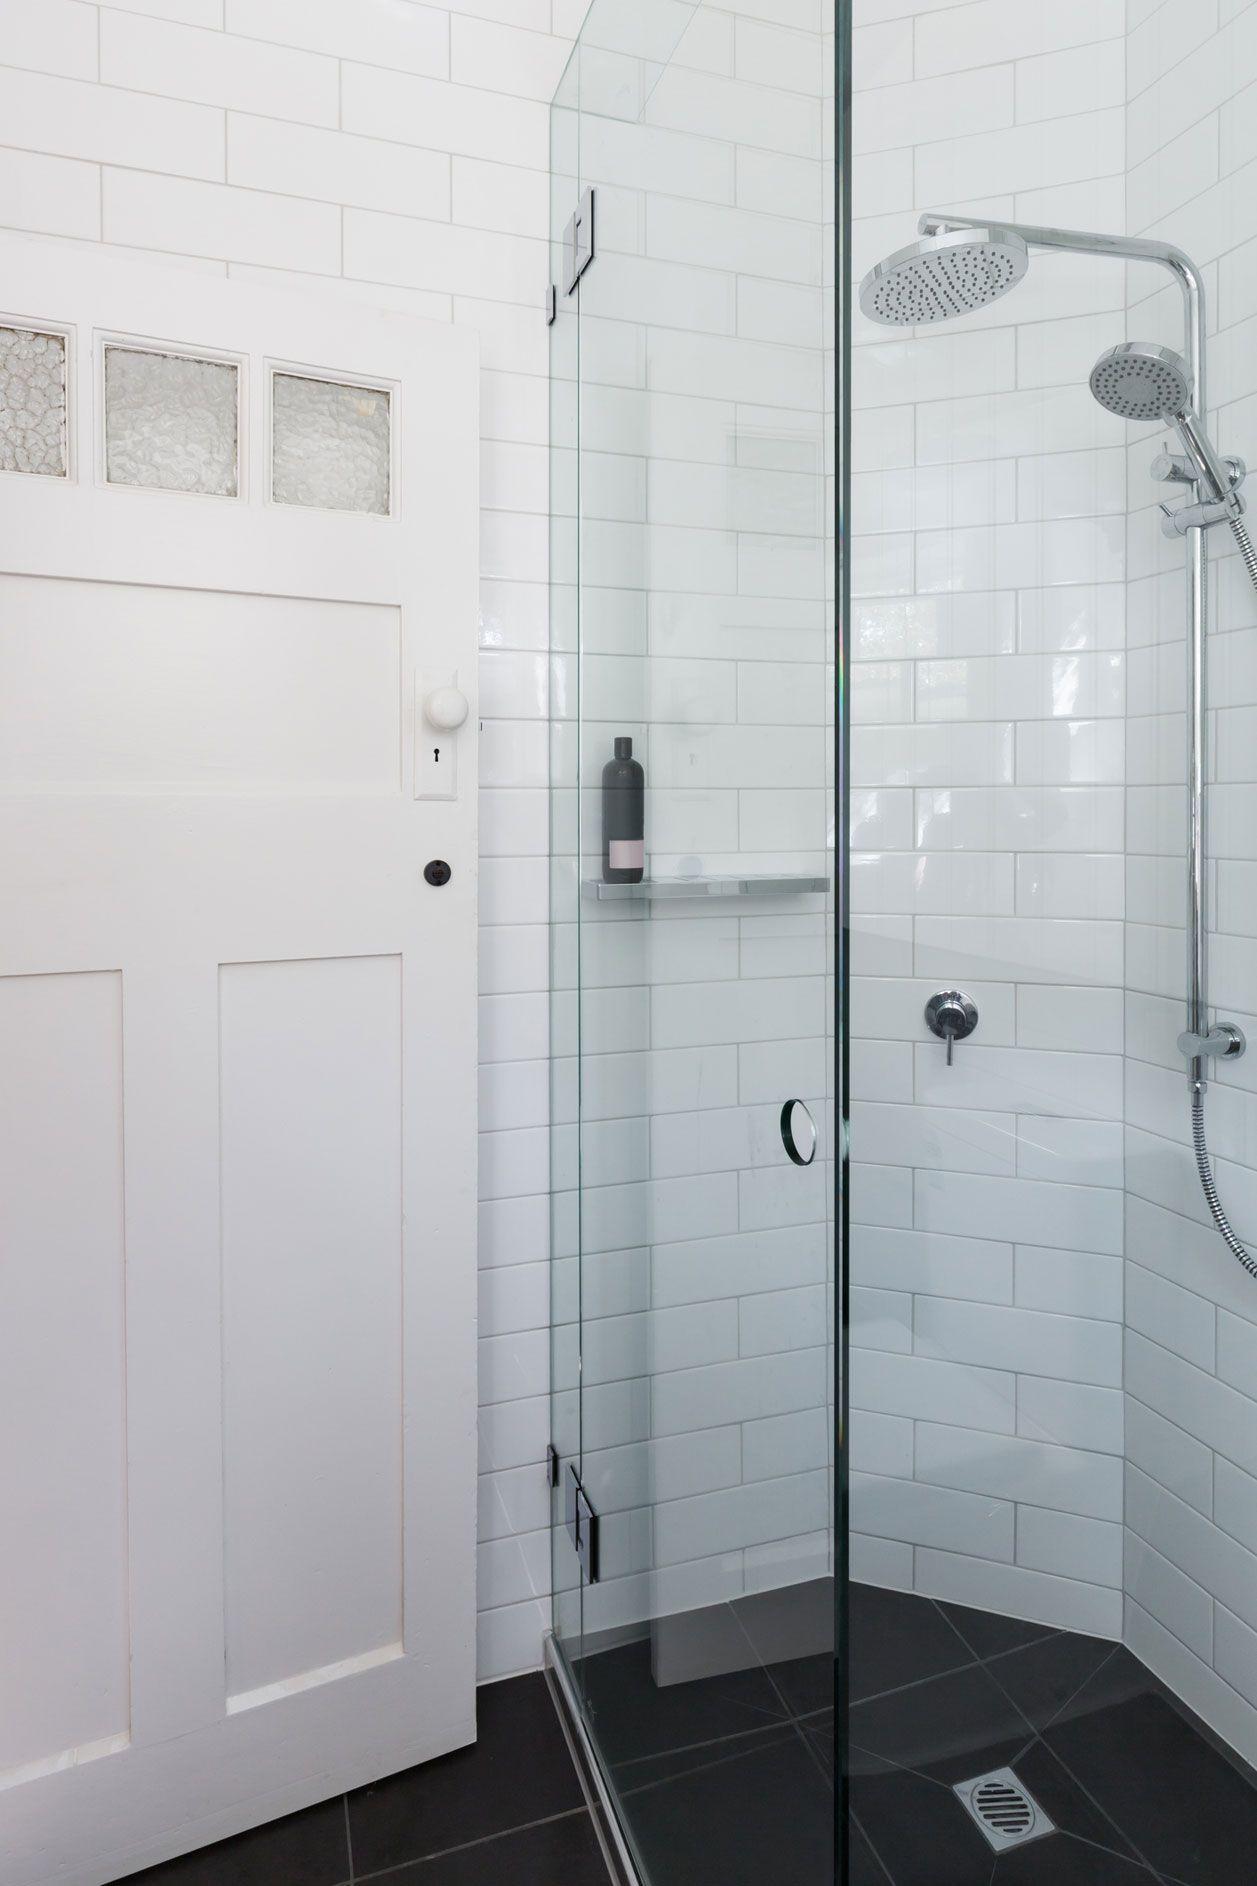 Kleines Bad einrichten: 8 geniale Tricks für mehr Platz | Inge kühn ...